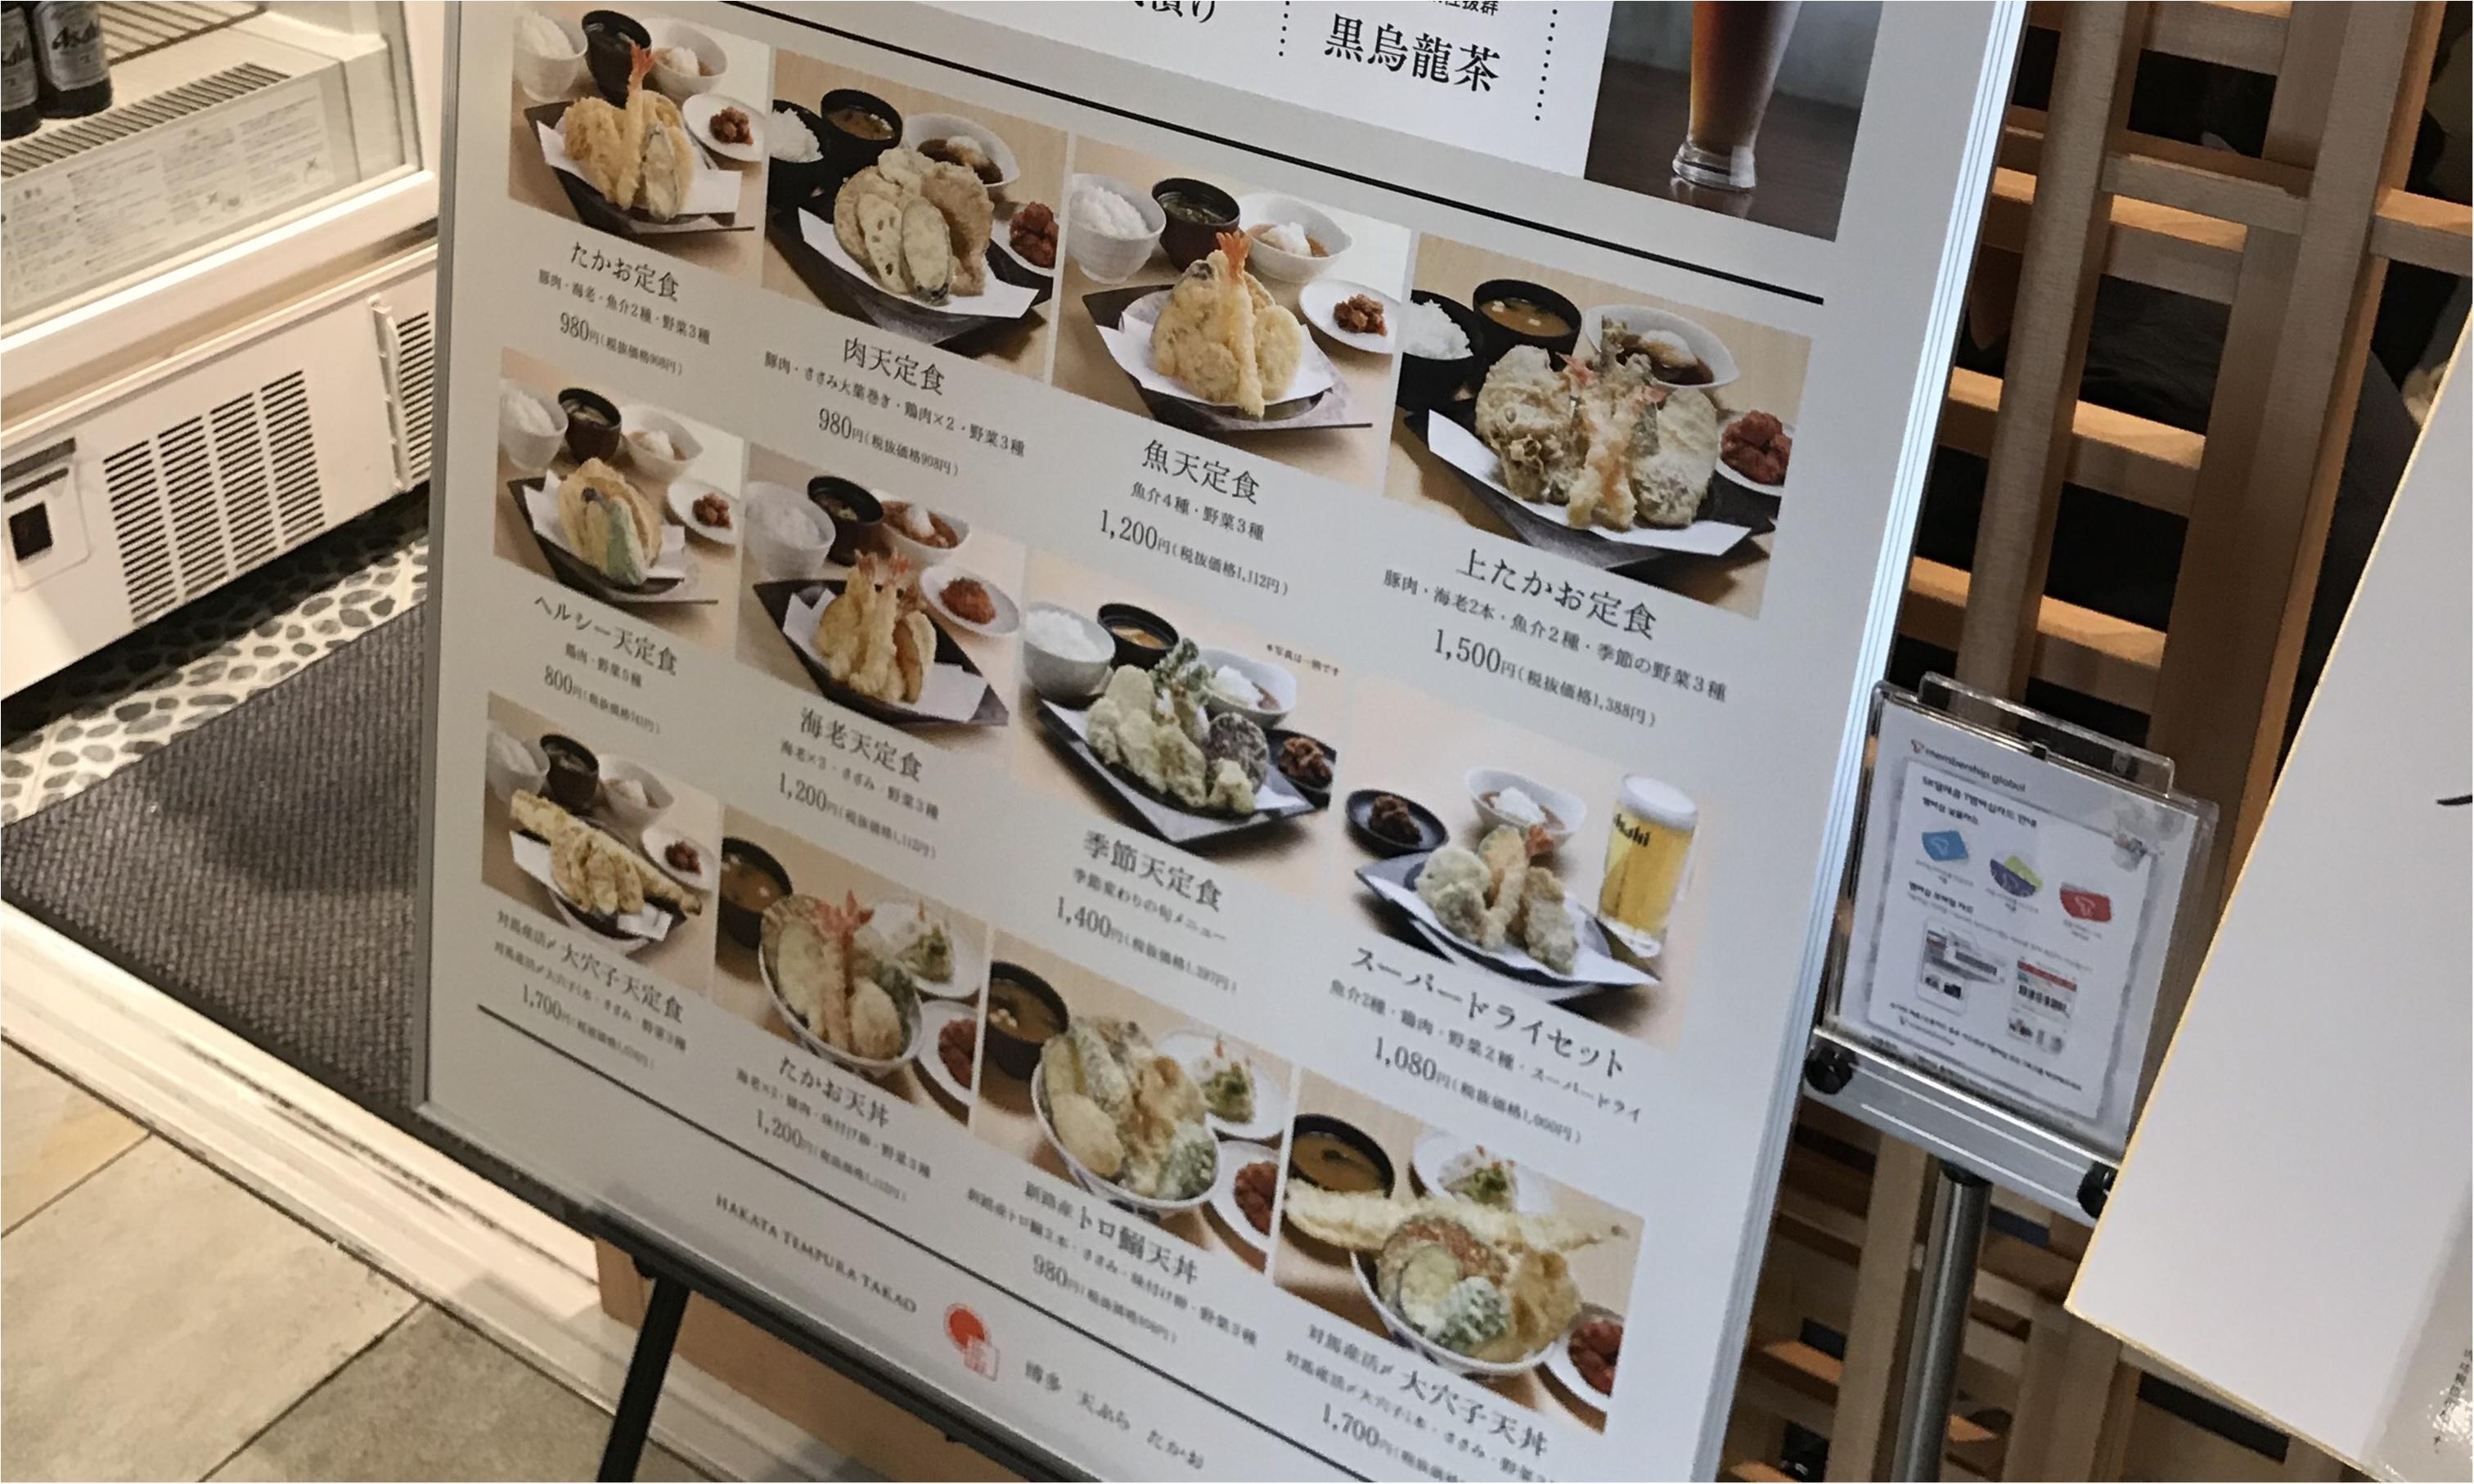 【ご当地MORE福岡】福岡に来たら絶対に行ってほしい明太子食べ放題の○○のお店♡♡♡_7